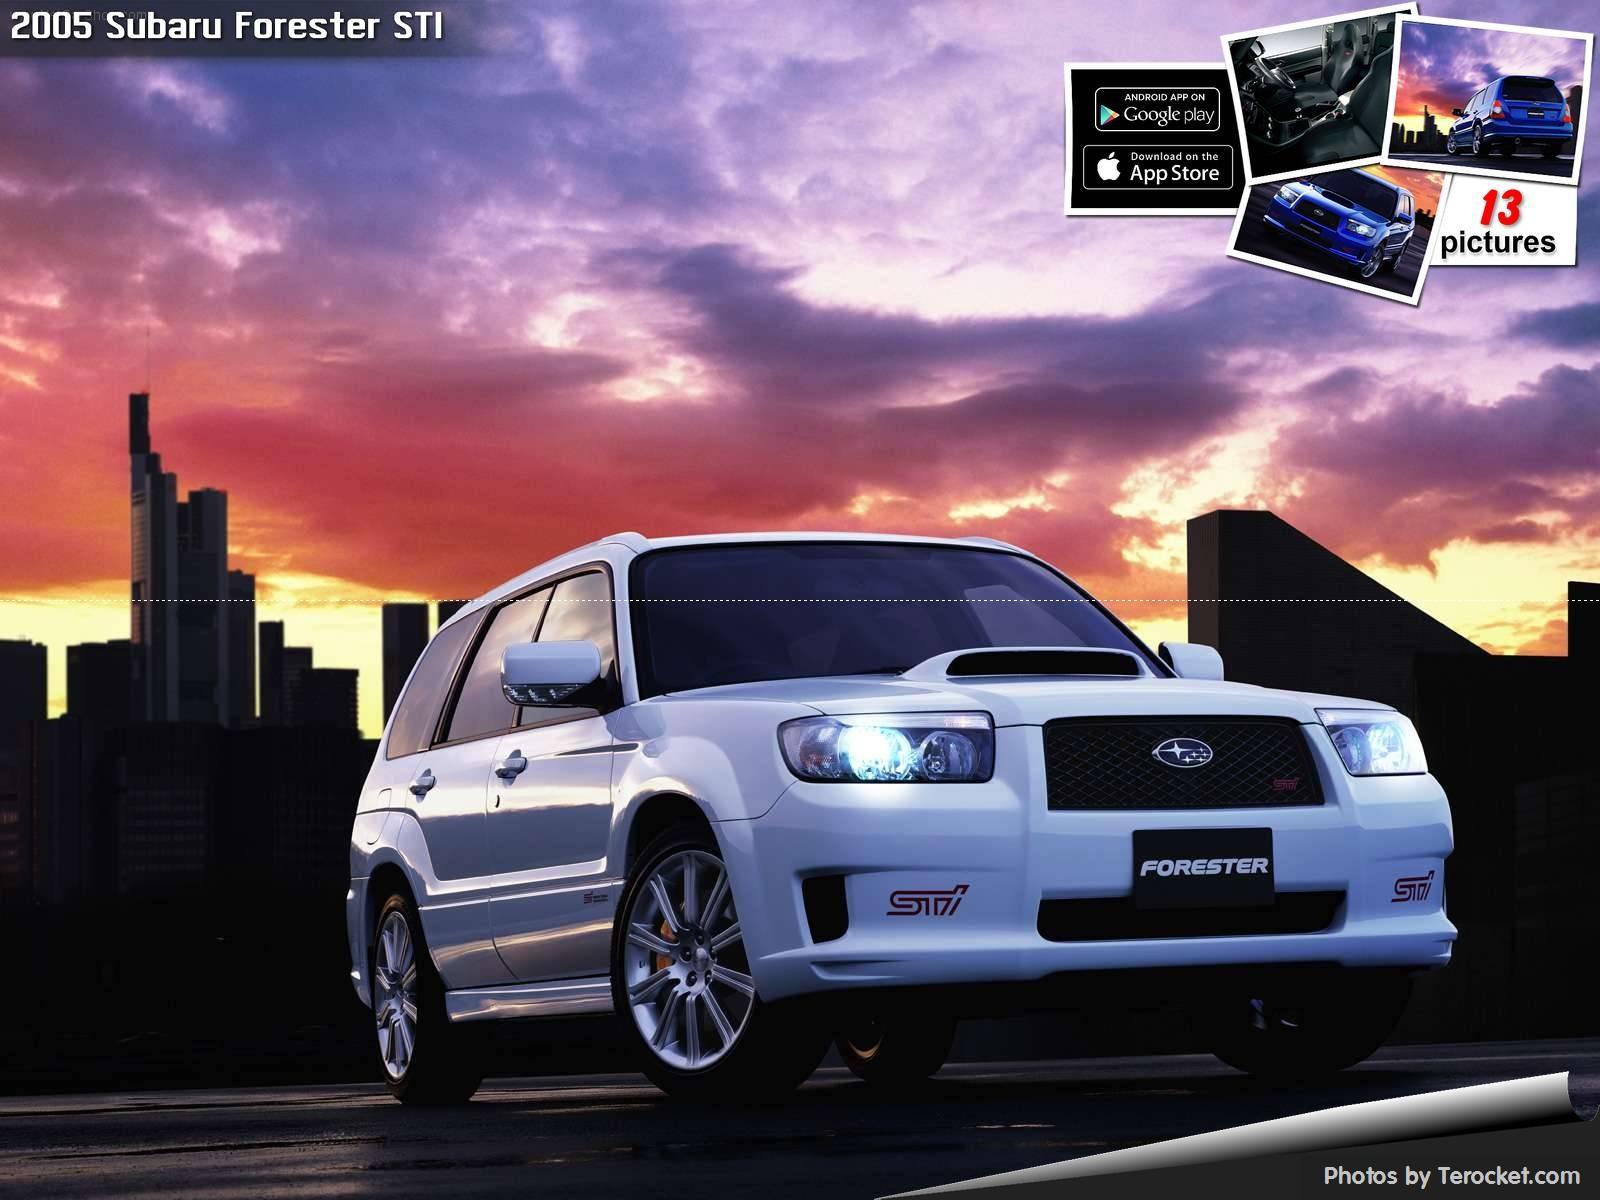 Hình ảnh xe ô tô Subaru Forester STI 2005 & nội ngoại thất